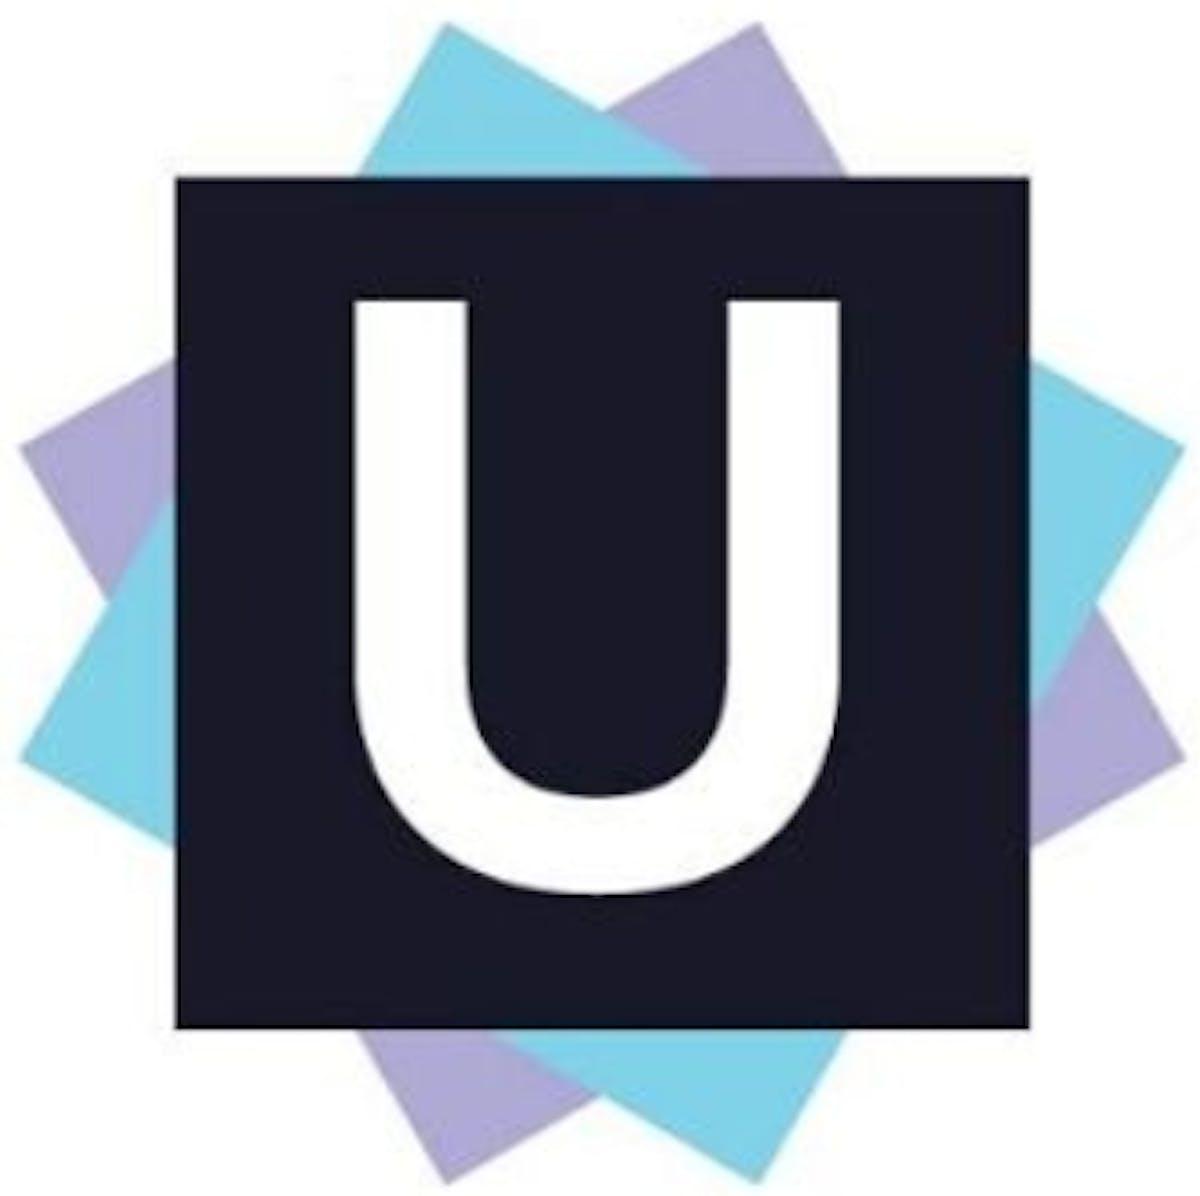 Uswitch awards